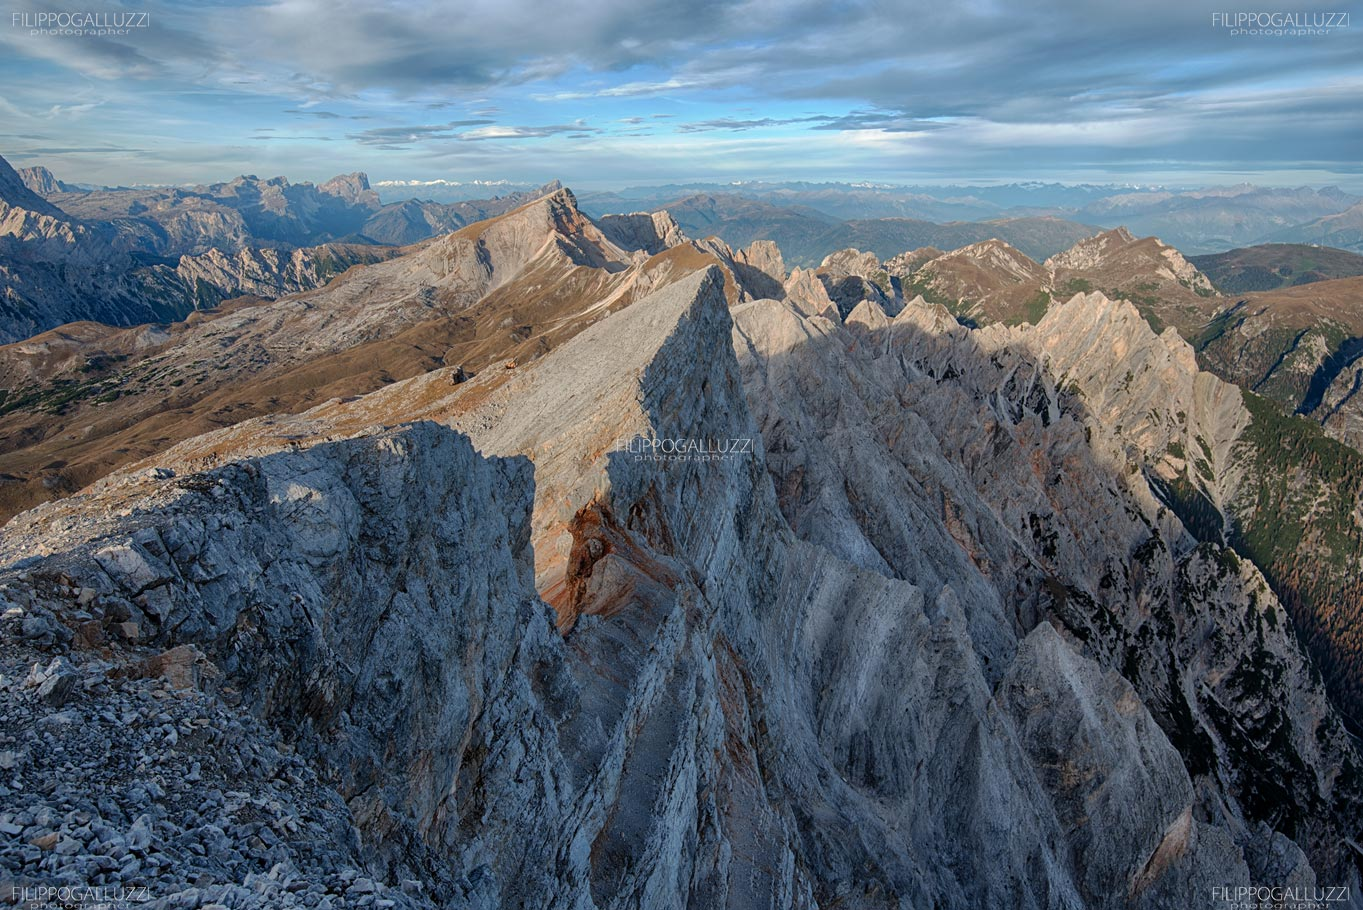 Alta Pusteria, Parco naturale di Sennes Braies, la croda del Becco